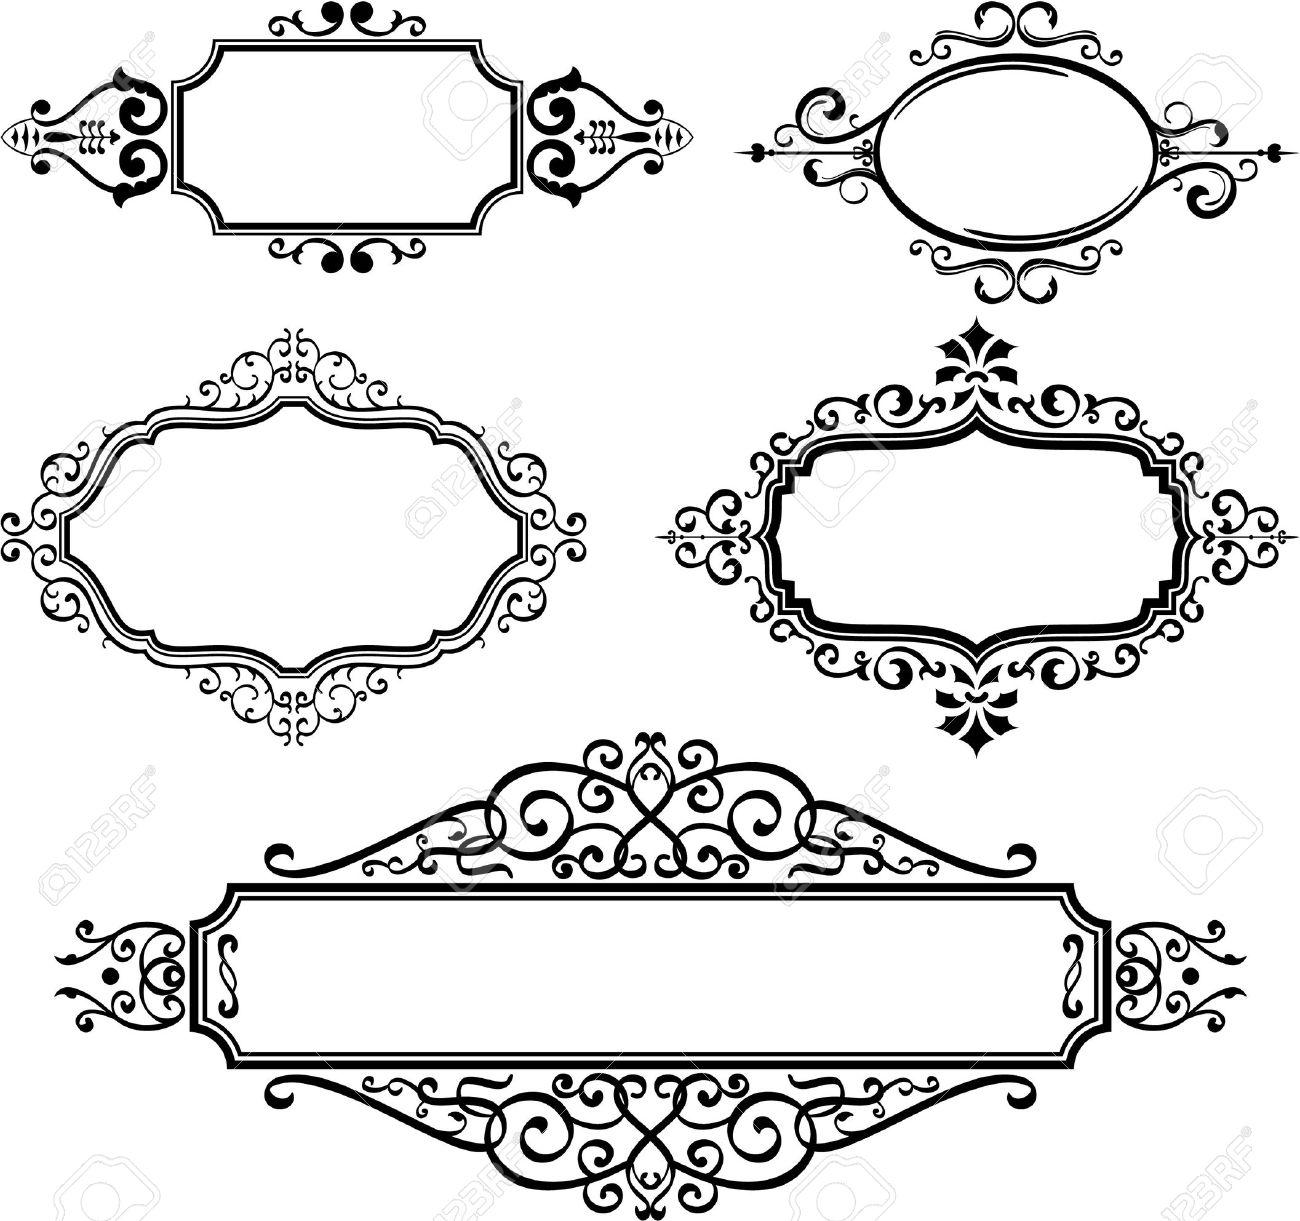 Ornate borders on white Stock Vector - 14335768